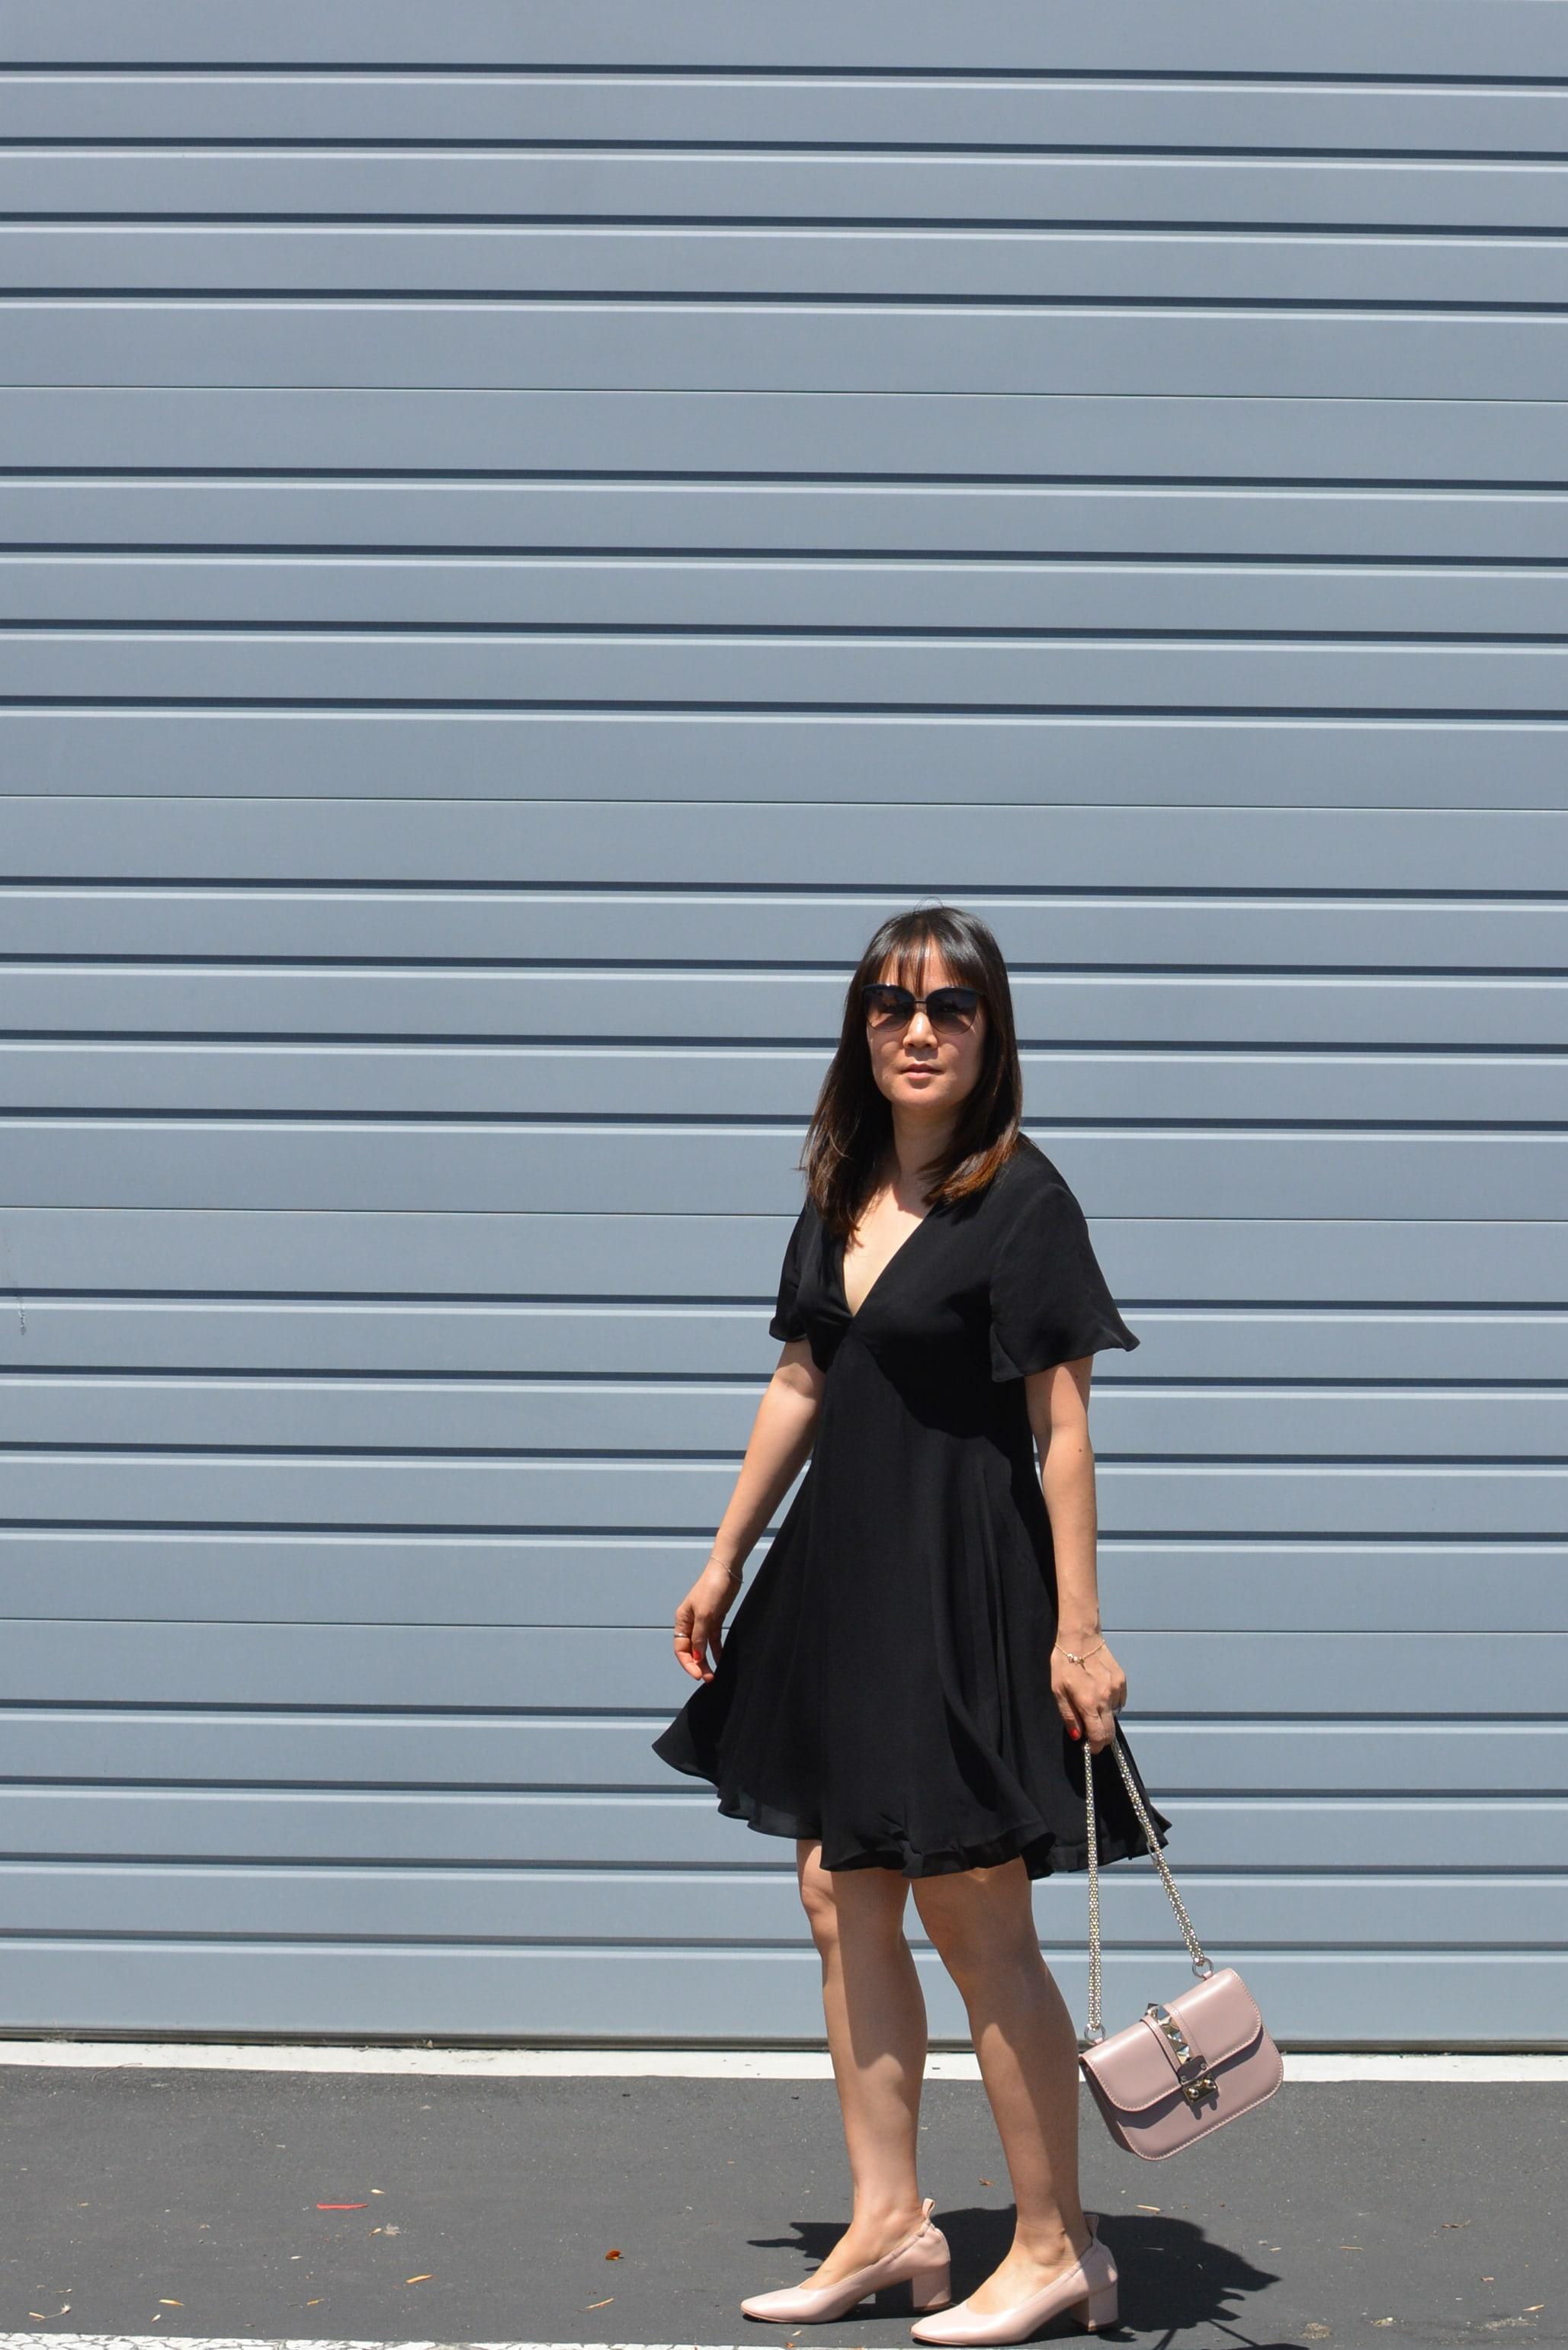 Grana Review Silk Tea Dress Black (1 of 1)-min.jpg